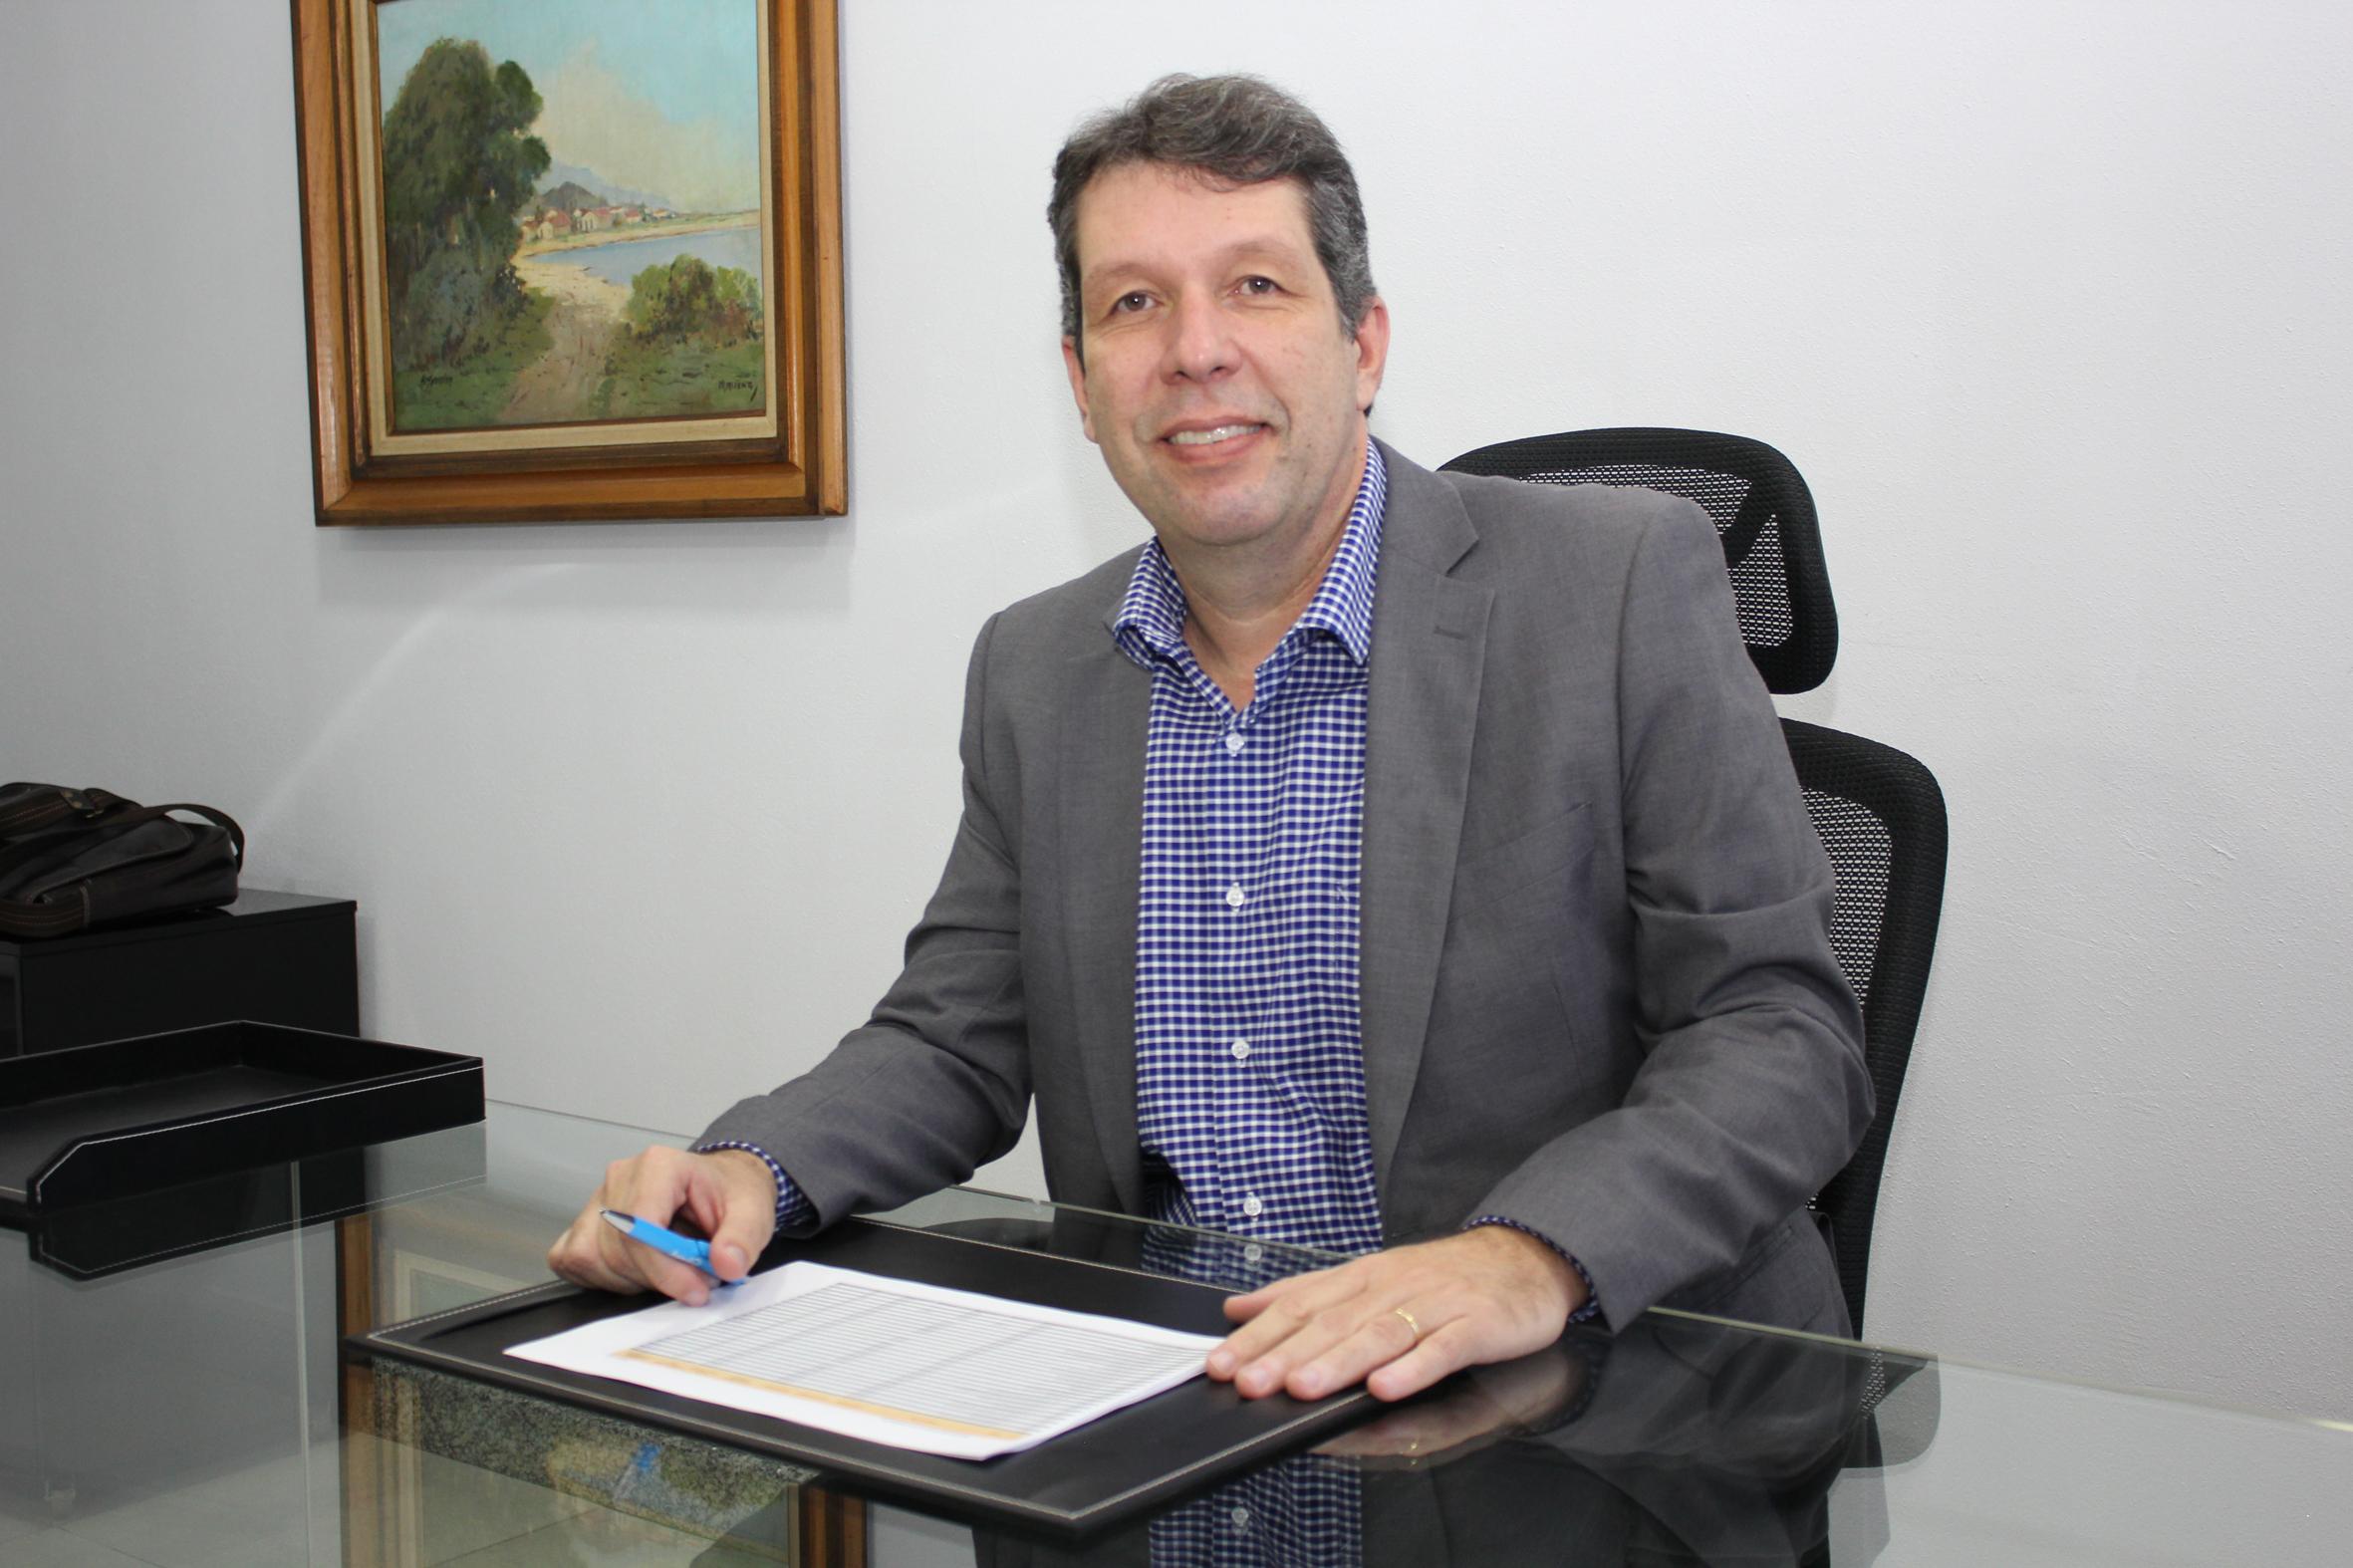 Foto: divulgação/Bandes